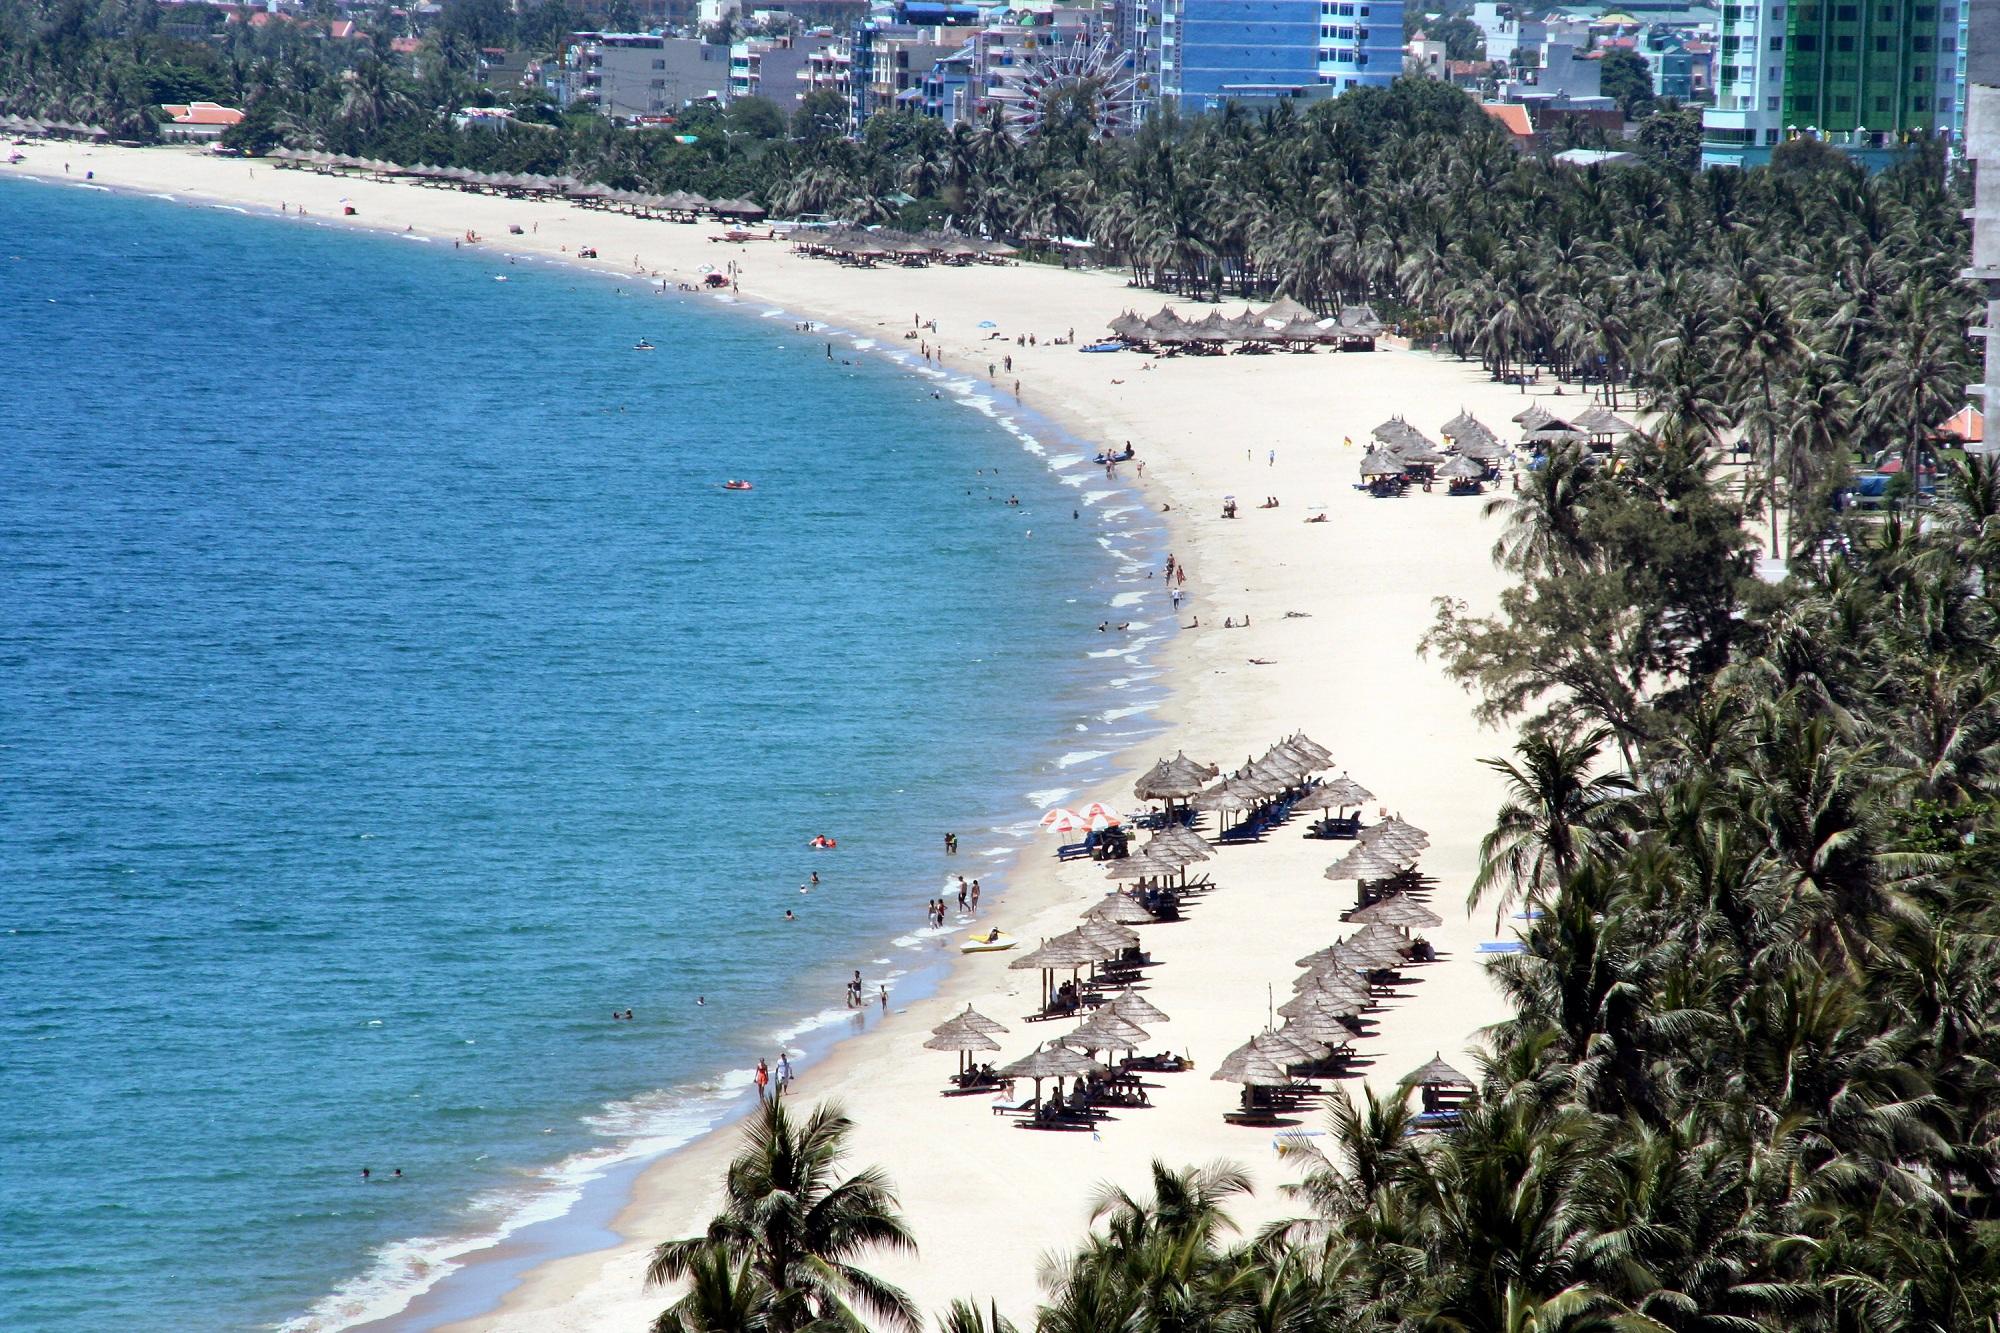 Kết quả hình ảnh cho bãi biển mỹ khê đà nẵng